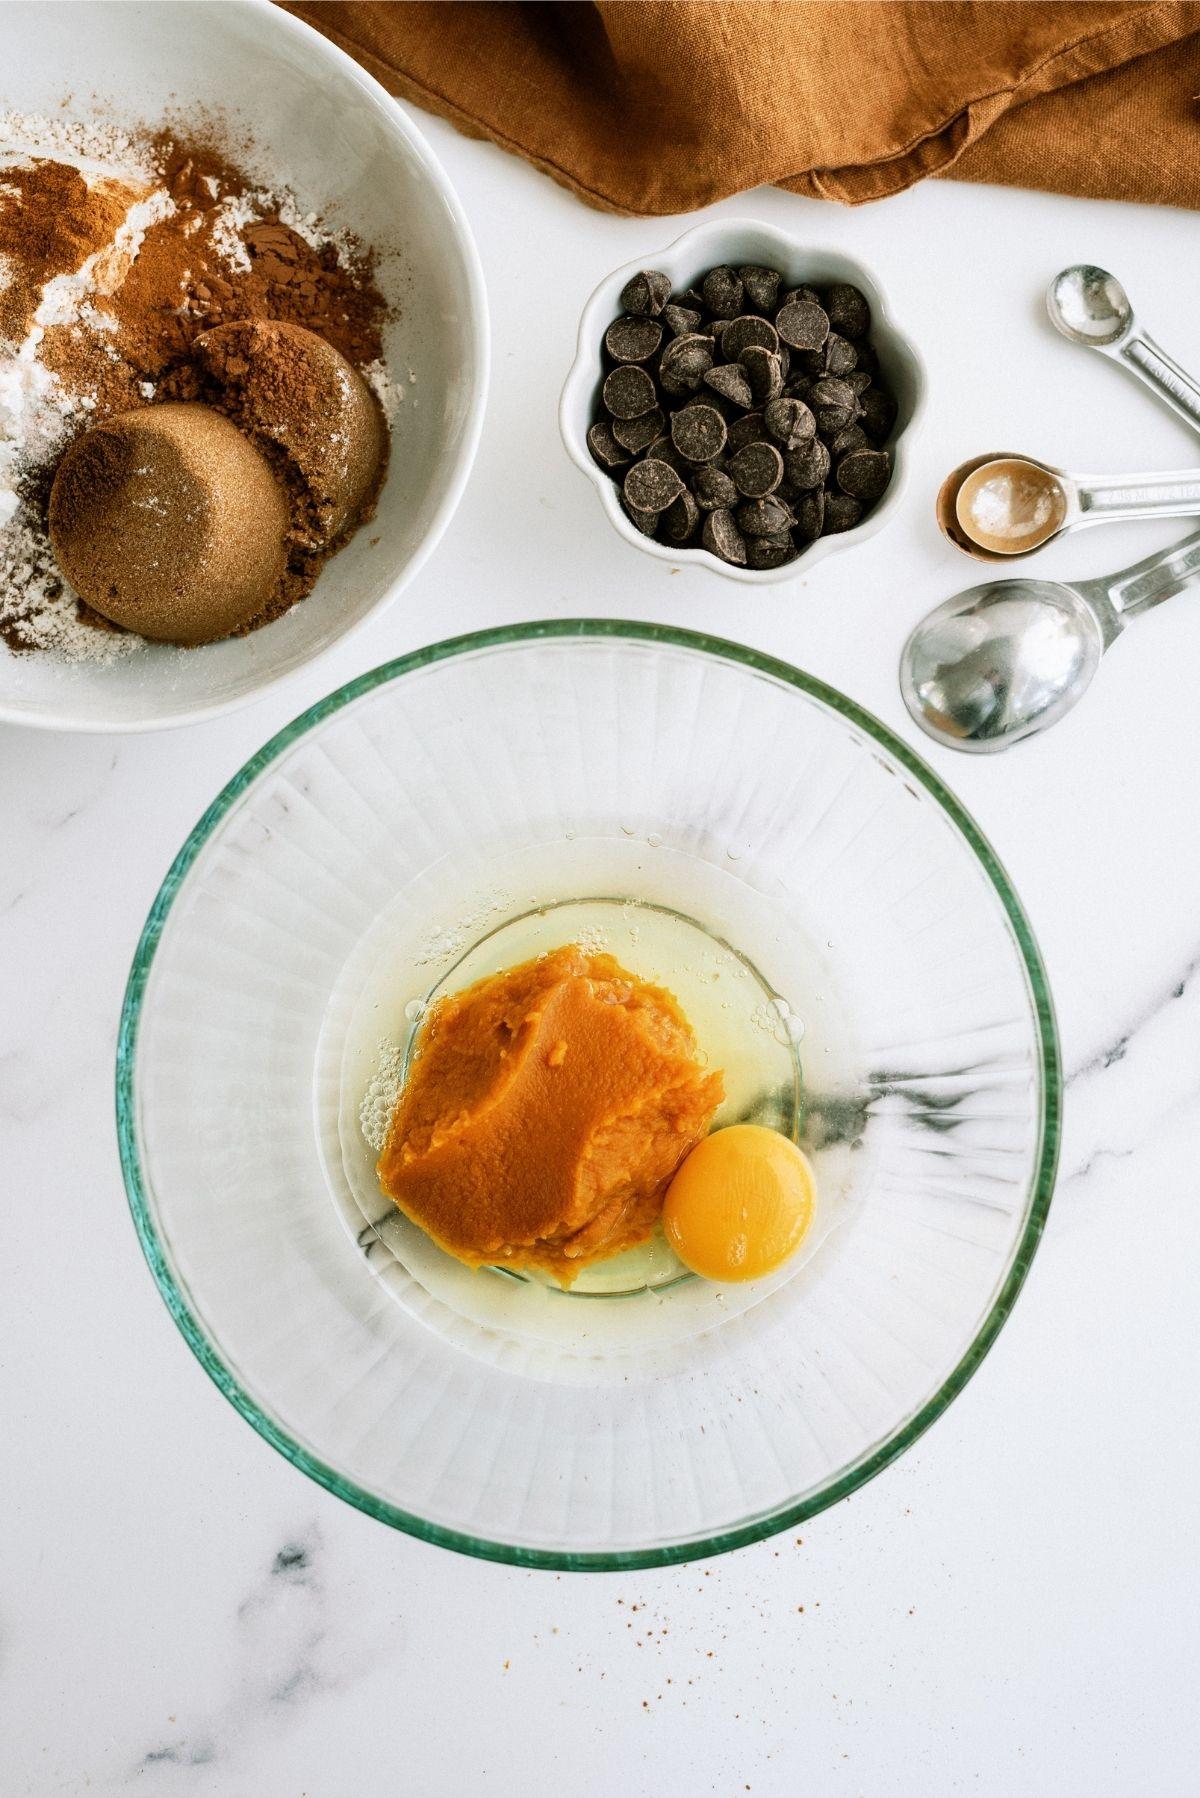 Ingredients for Pumpkin Chocolate Chip Brownies